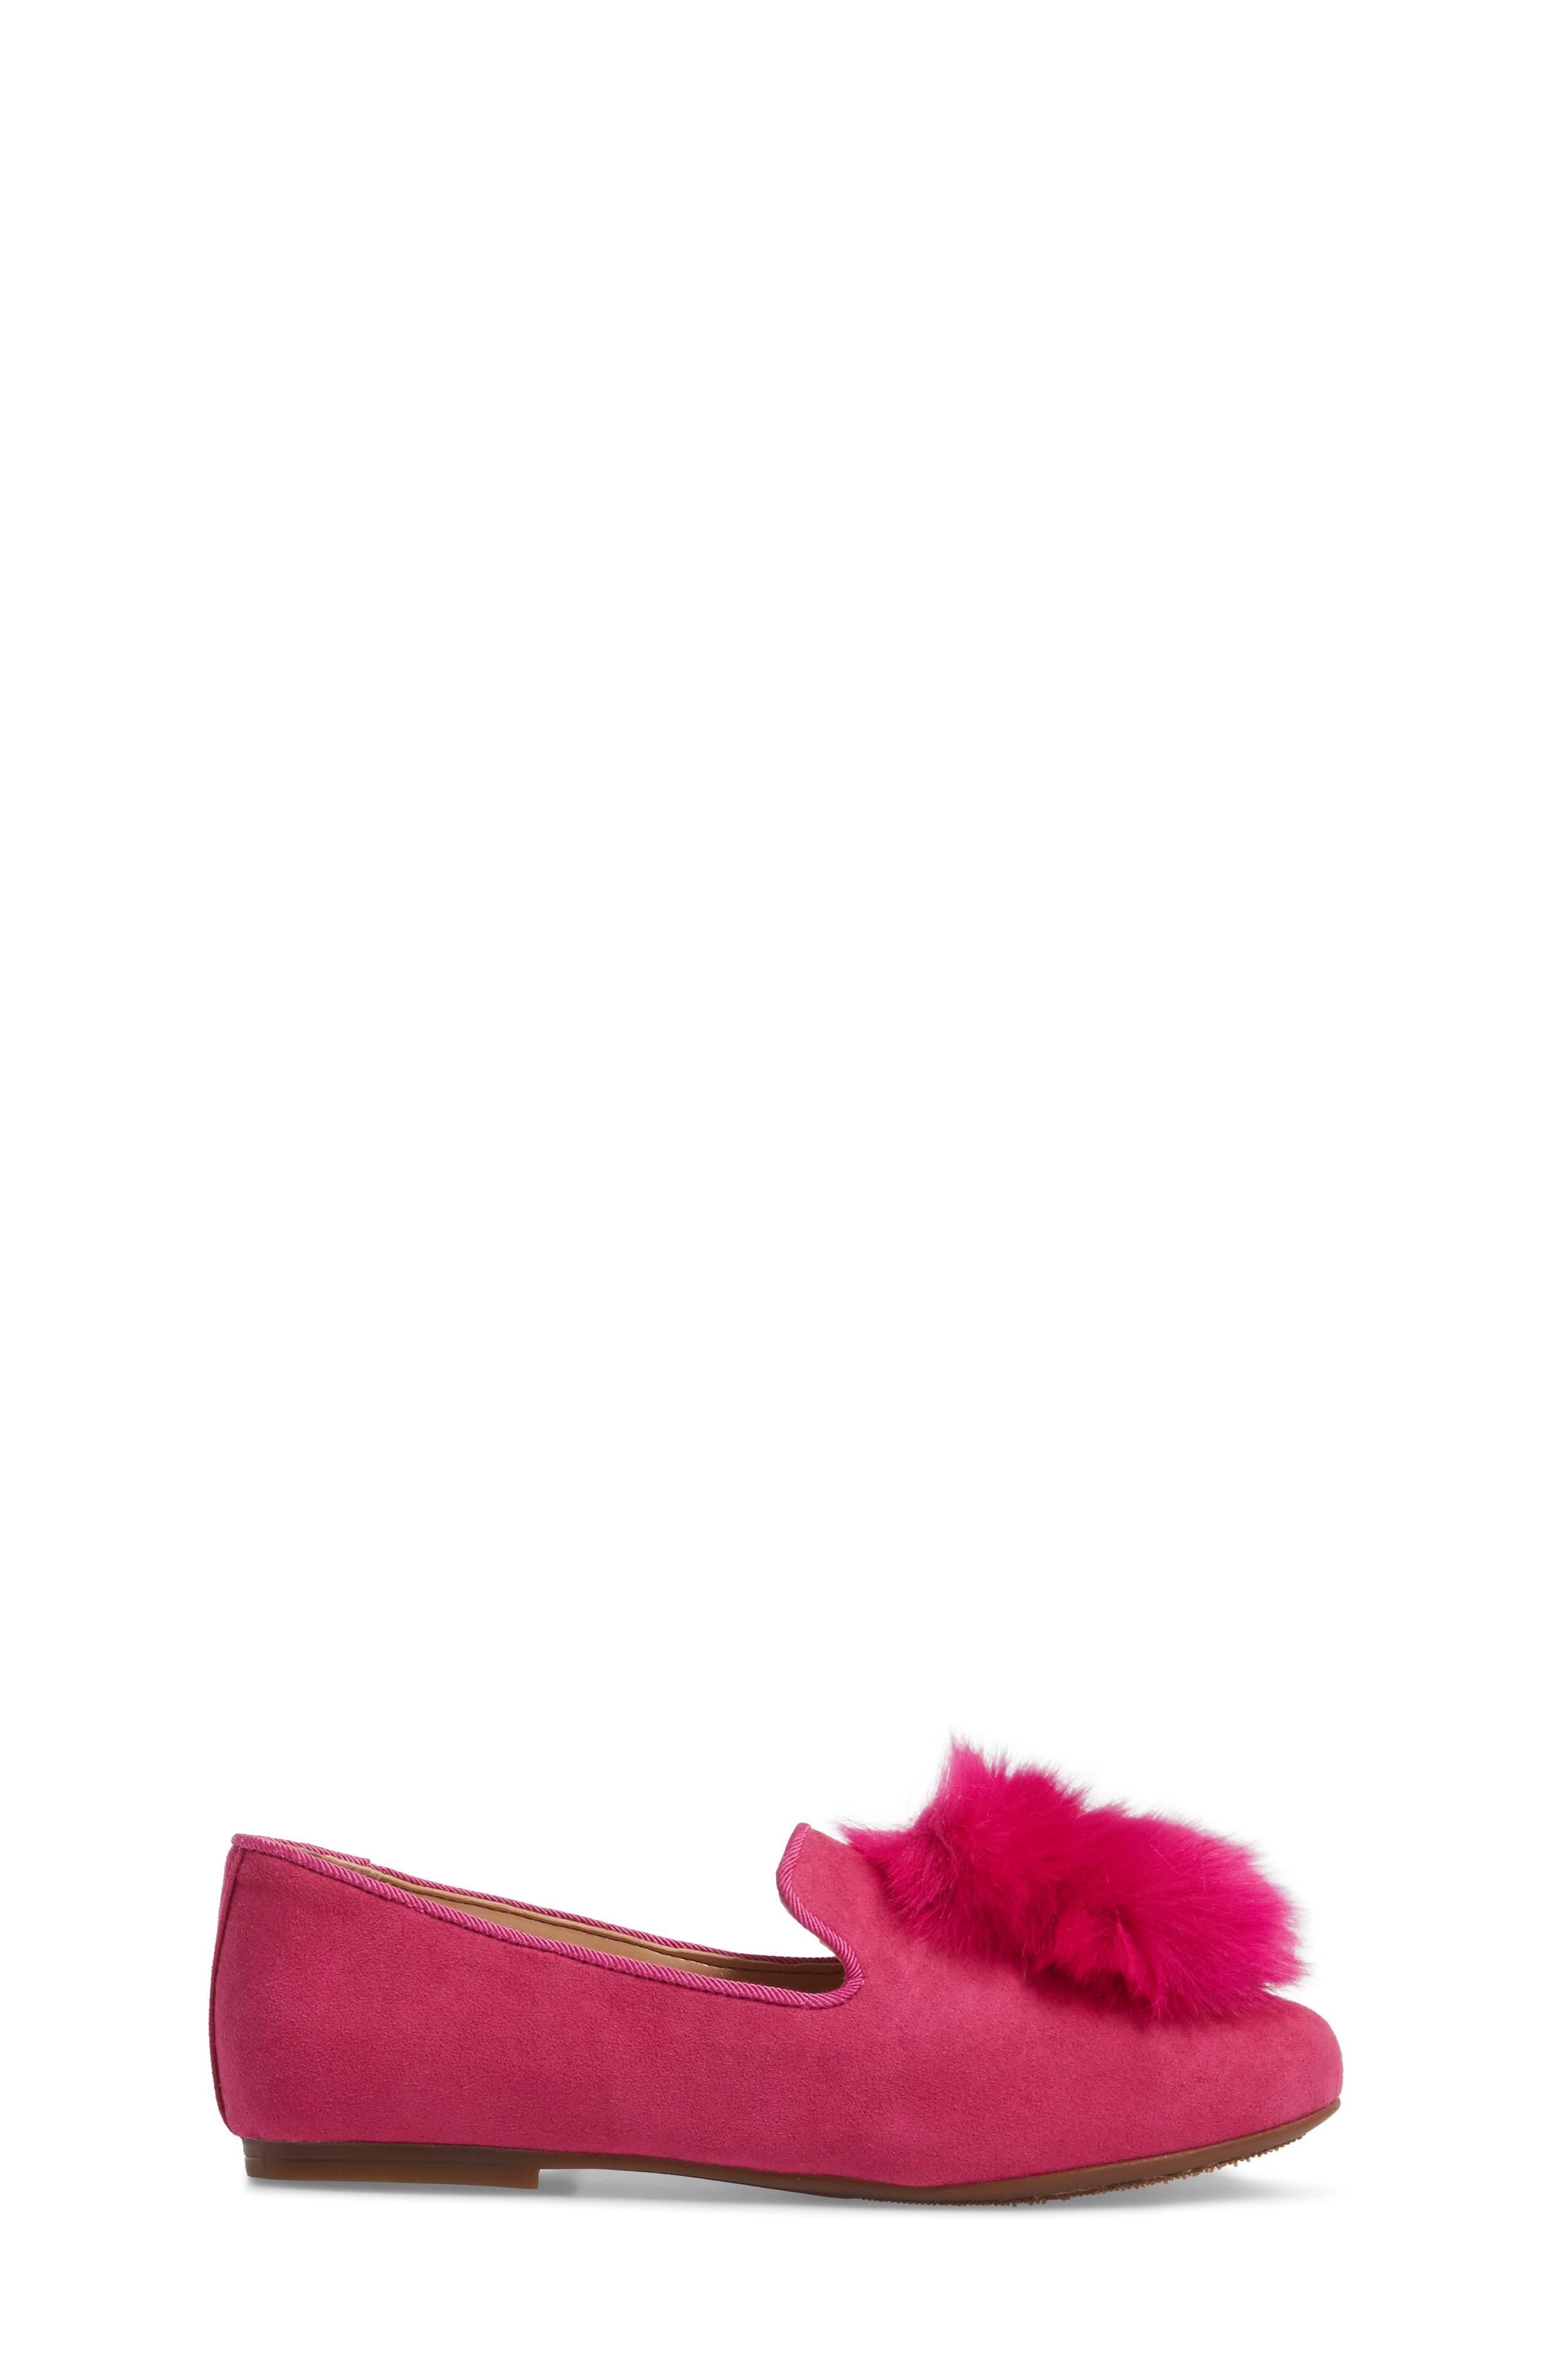 Alternate Image 3  - Vince Camuto Caela Faux Fur Loafer (Toddler, Little Kid & Big Kid)